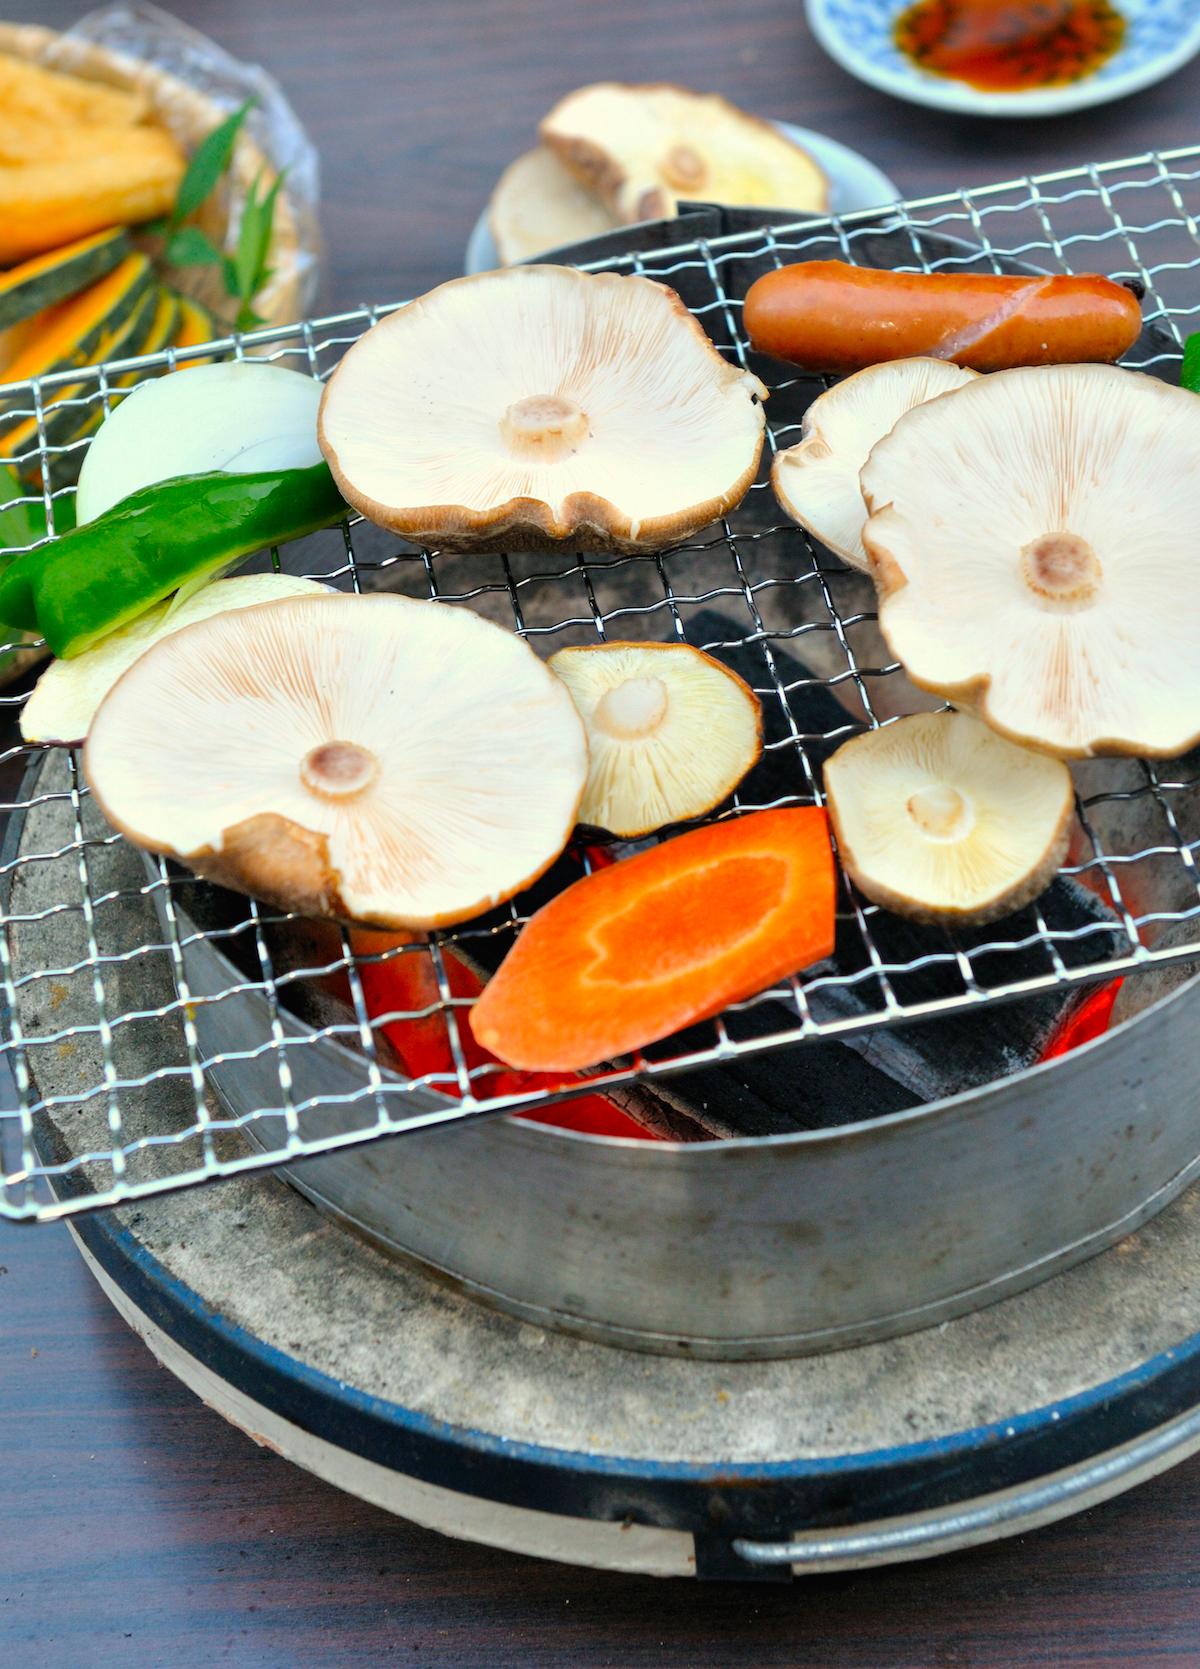 七輪を使った炭火焼き椎茸BBQ